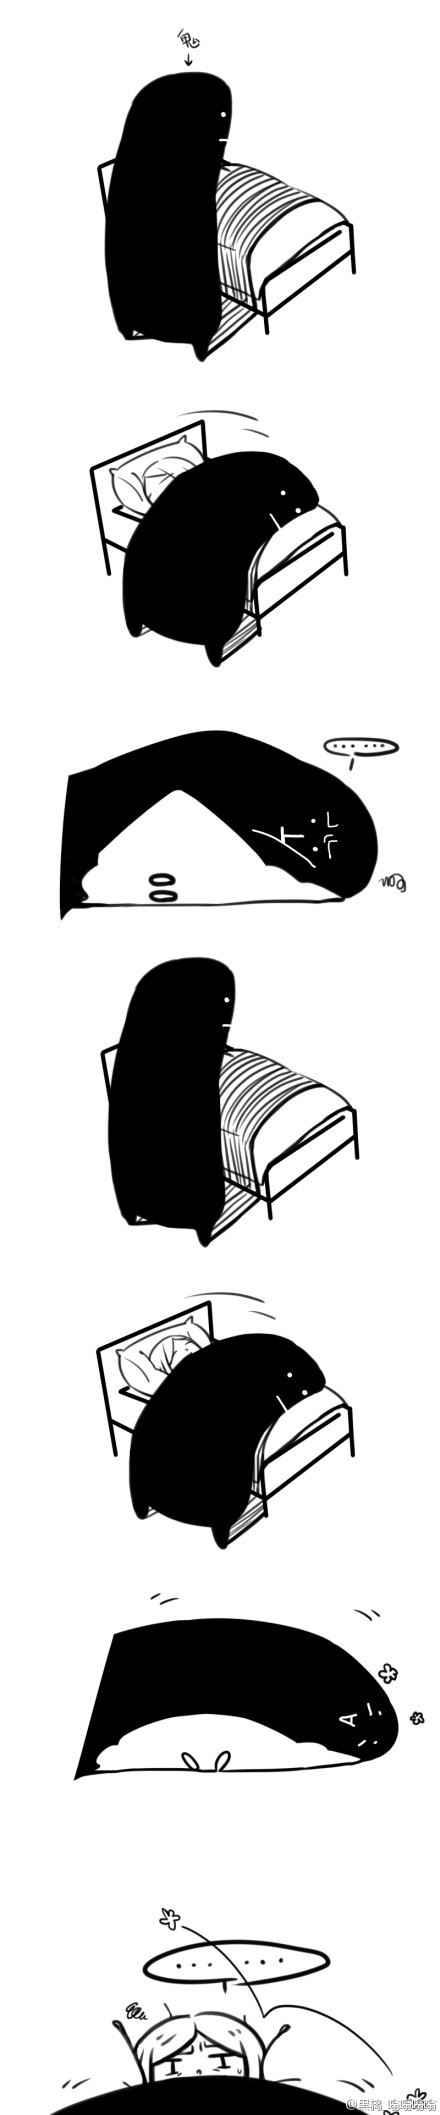 为什么仰卧容易鬼压床